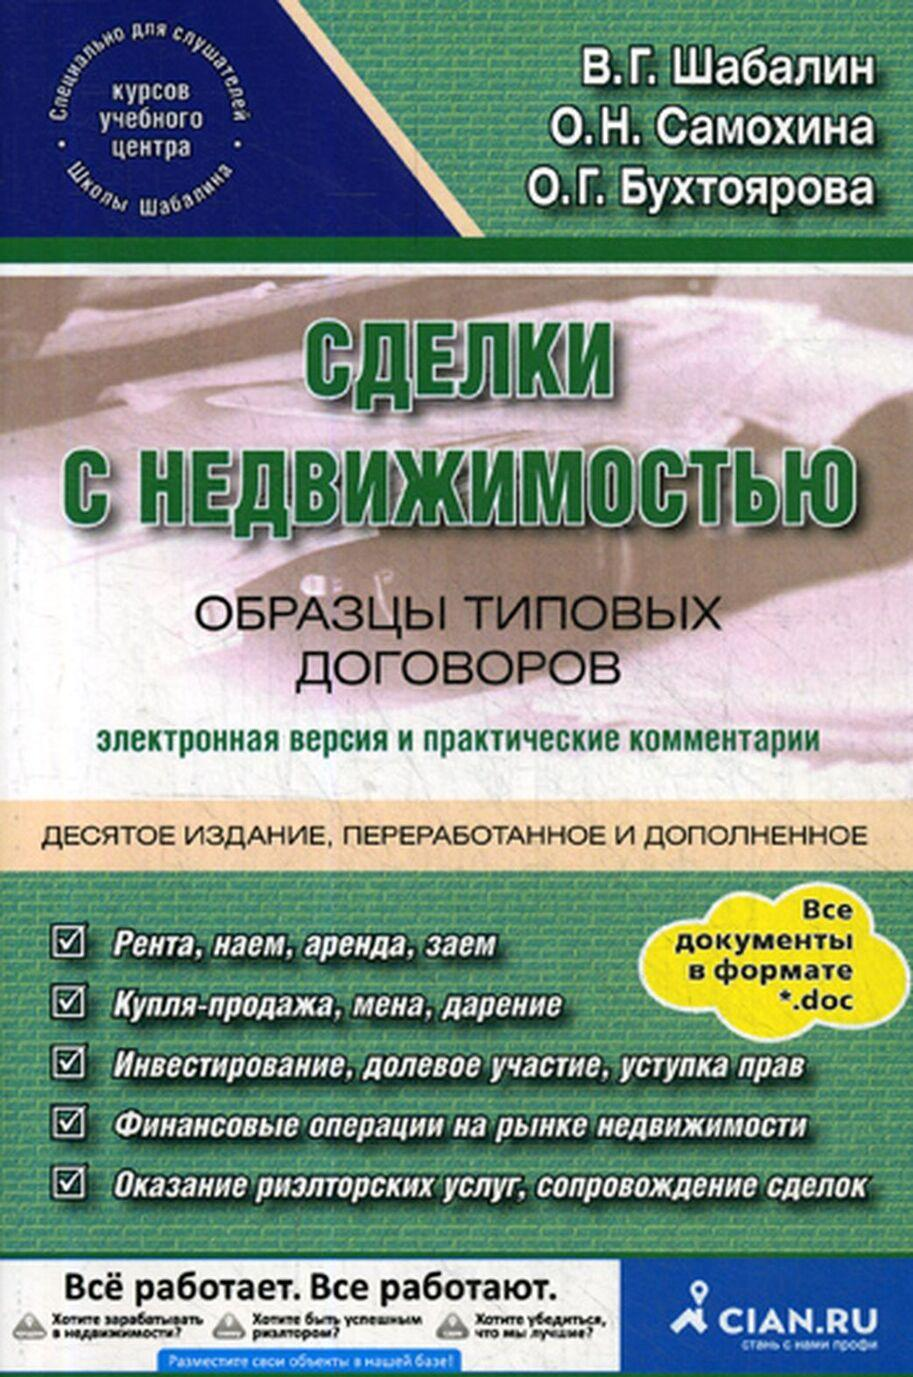 Sdelki s nedvizhimostju. Obraztsy tipovykh dogovorov | Shabalin Vadim Gennadevich, Samokhina Olga Nikolaevna